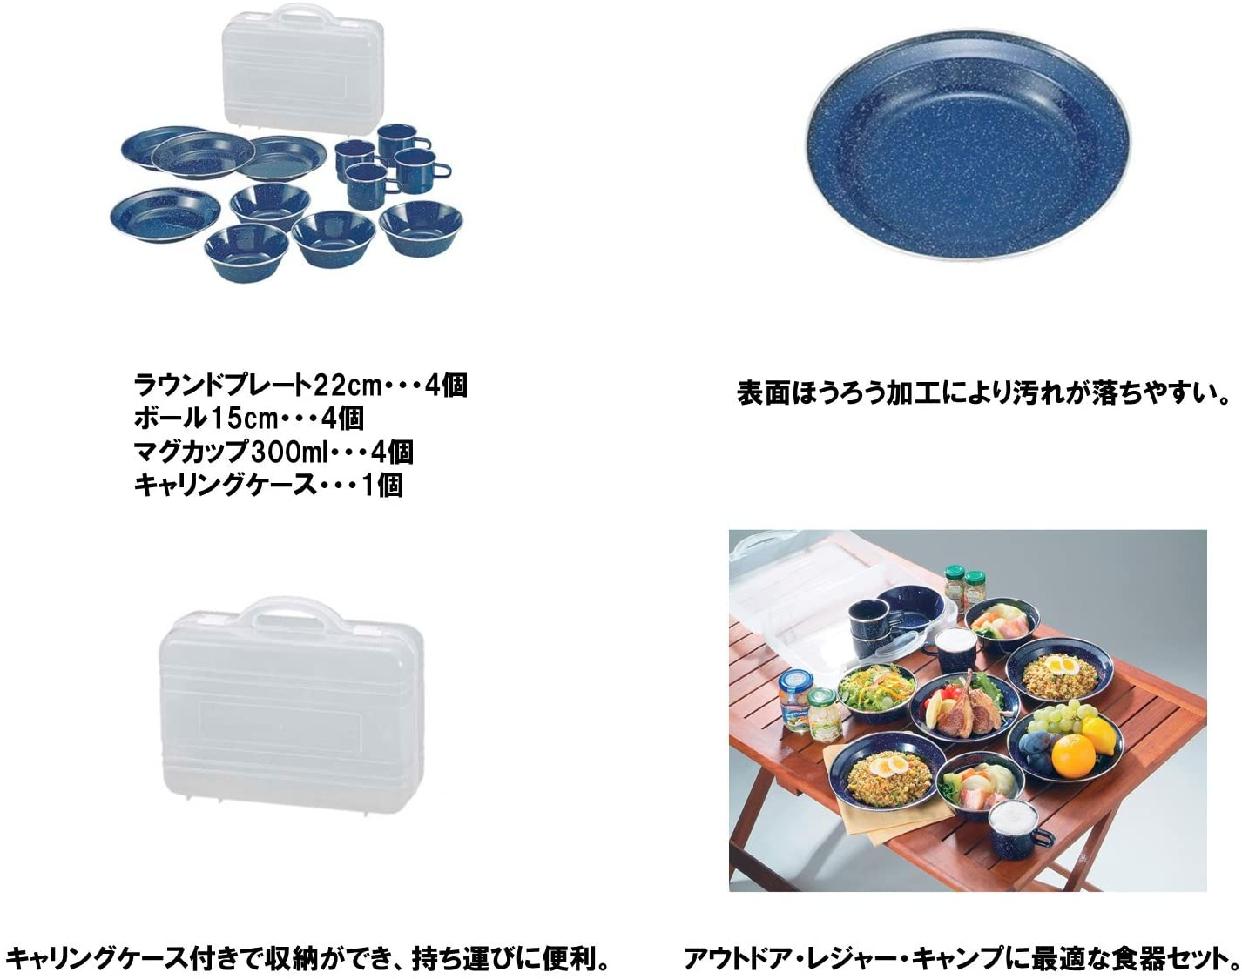 CAPTAIN STAG(キャプテンスタッグ) ウエスト ホーロー食器セット(キャリングケース付)M-1078の商品画像2